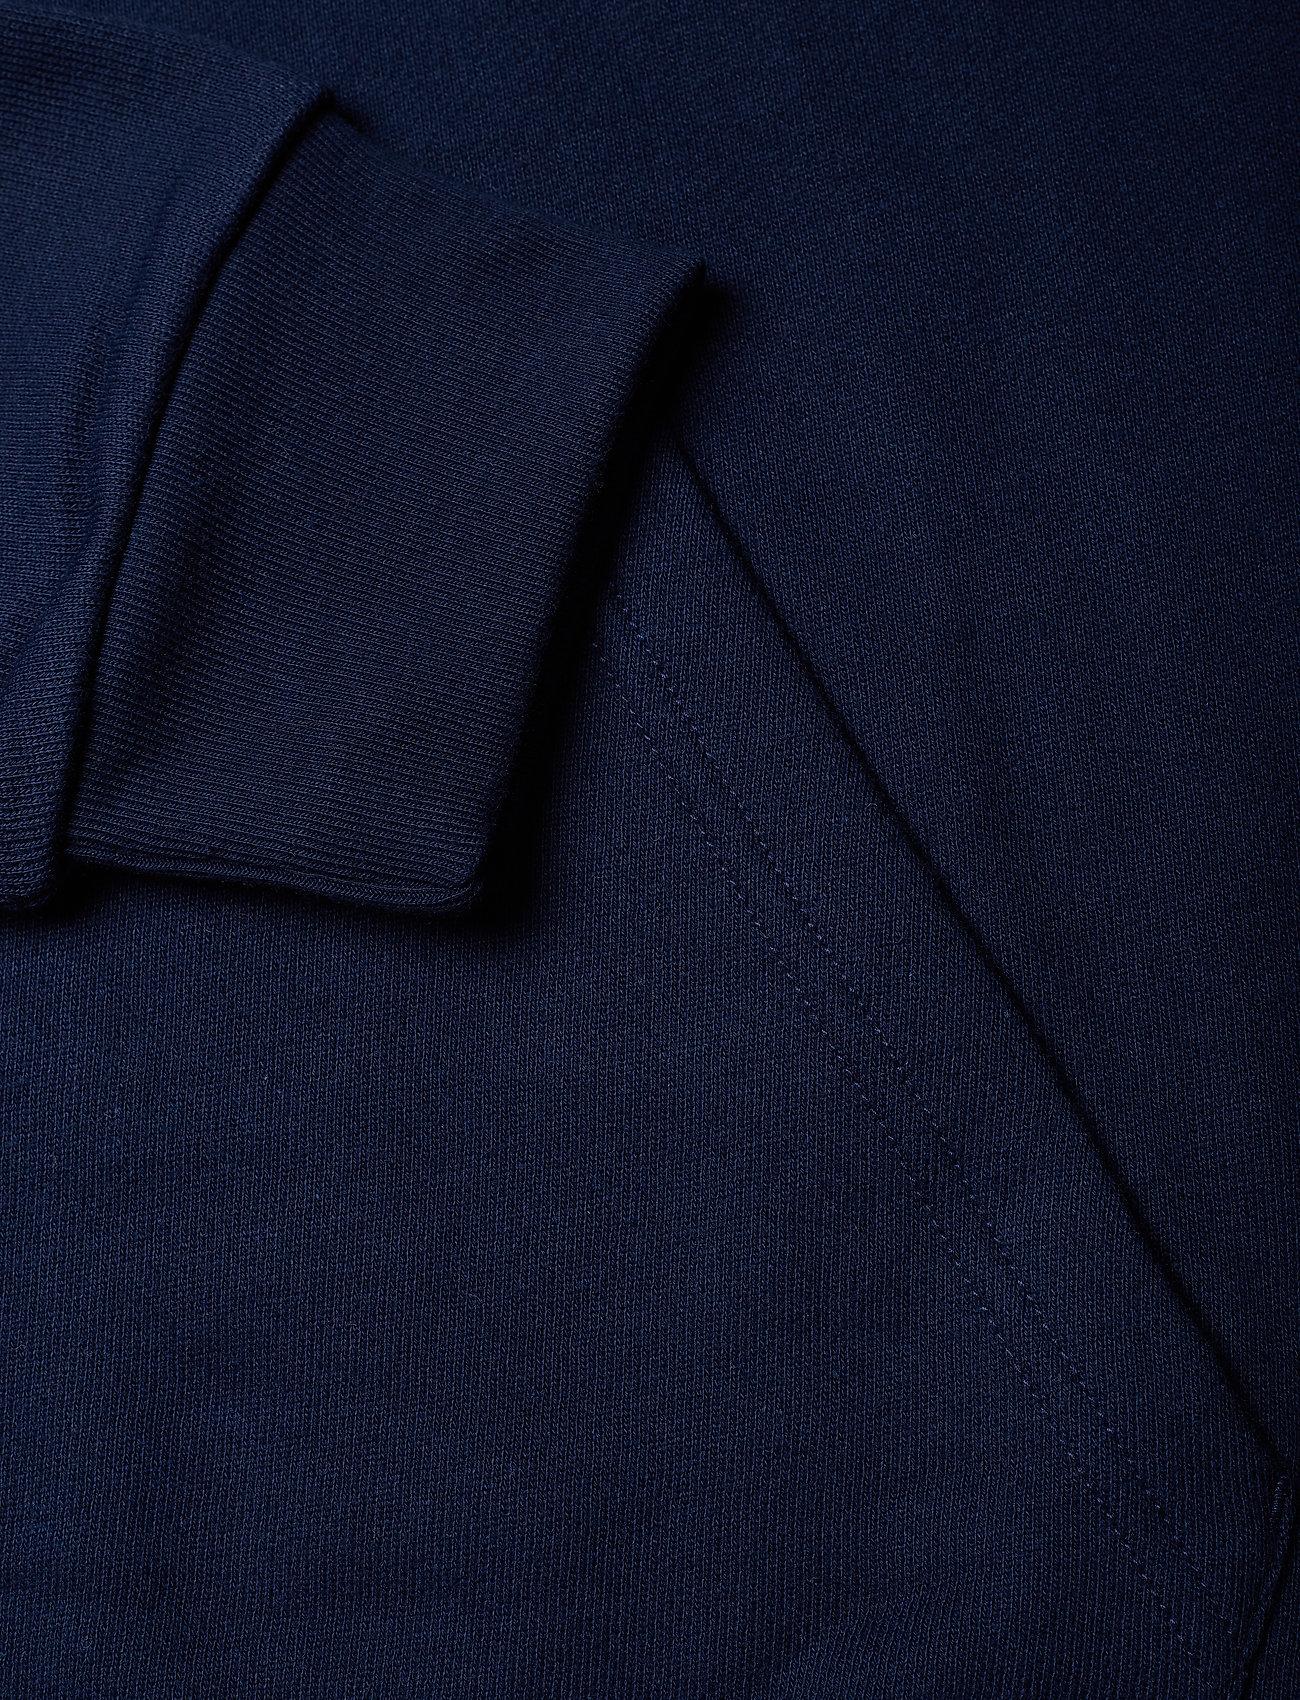 adidas Originals TREFOIL HOODIE - Sweatshirts CONAVY/WHITE - Menn Klær